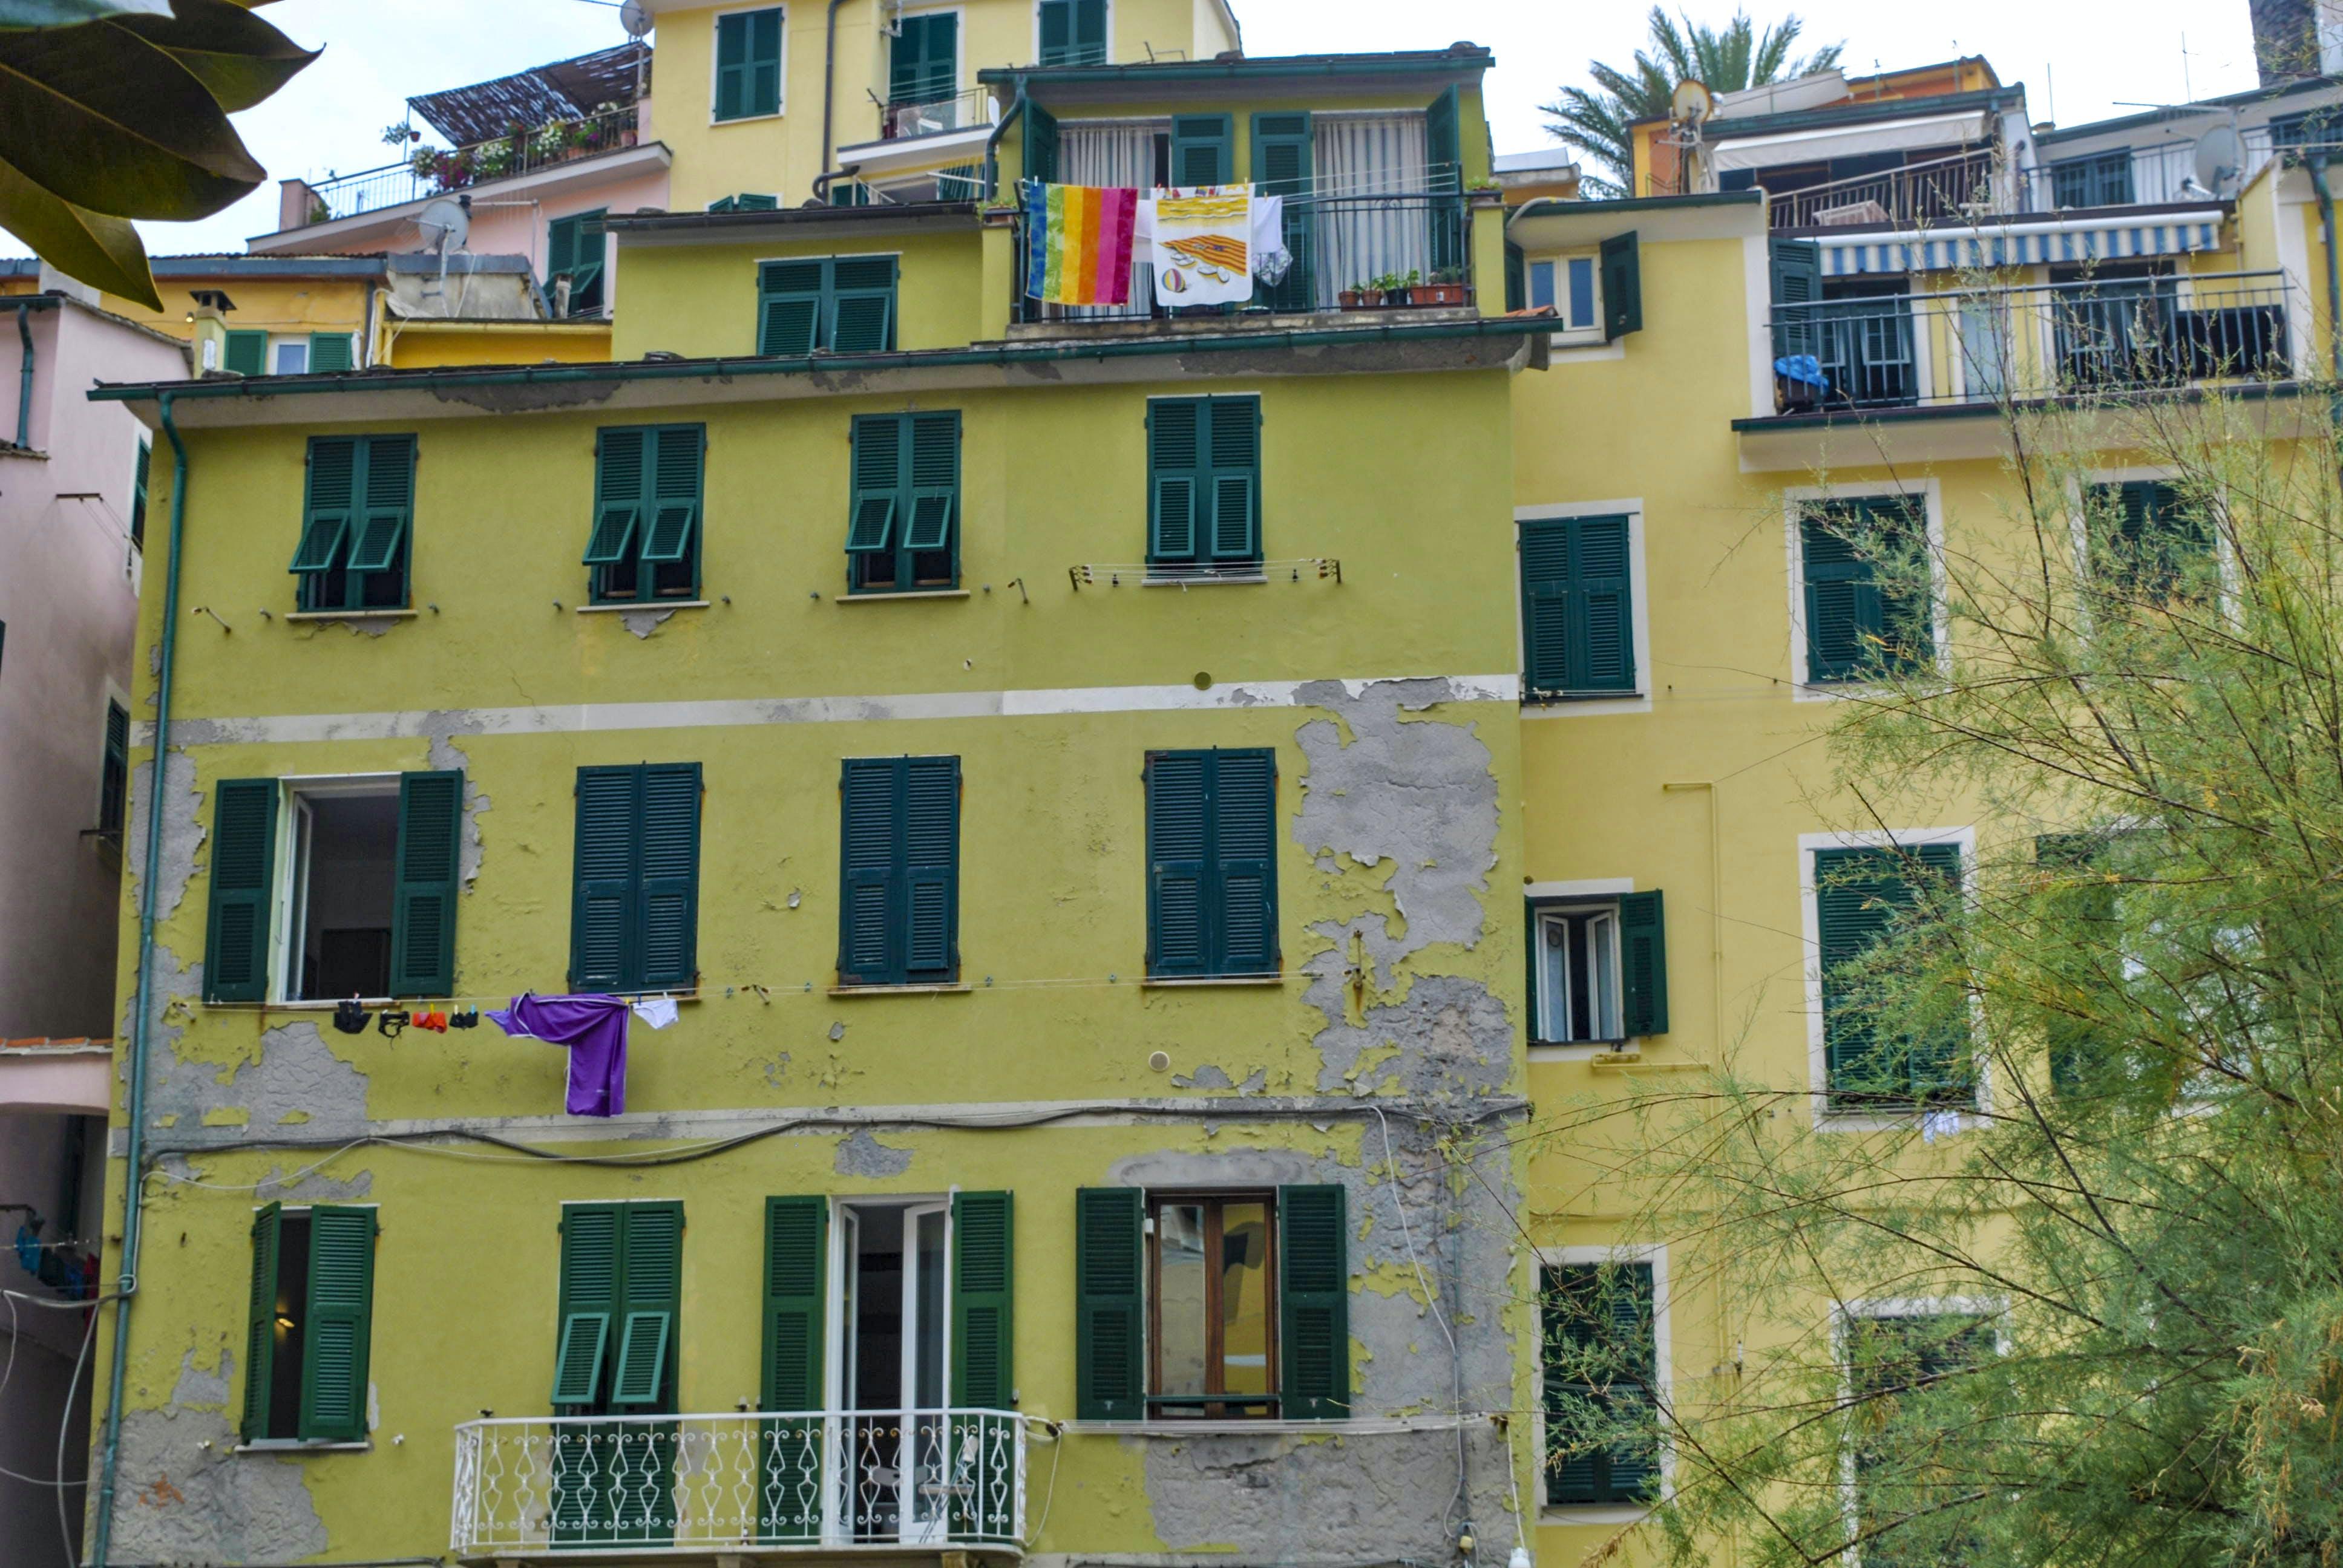 mediterran的, 五漁村, 房子, 義大利 的 免费素材照片